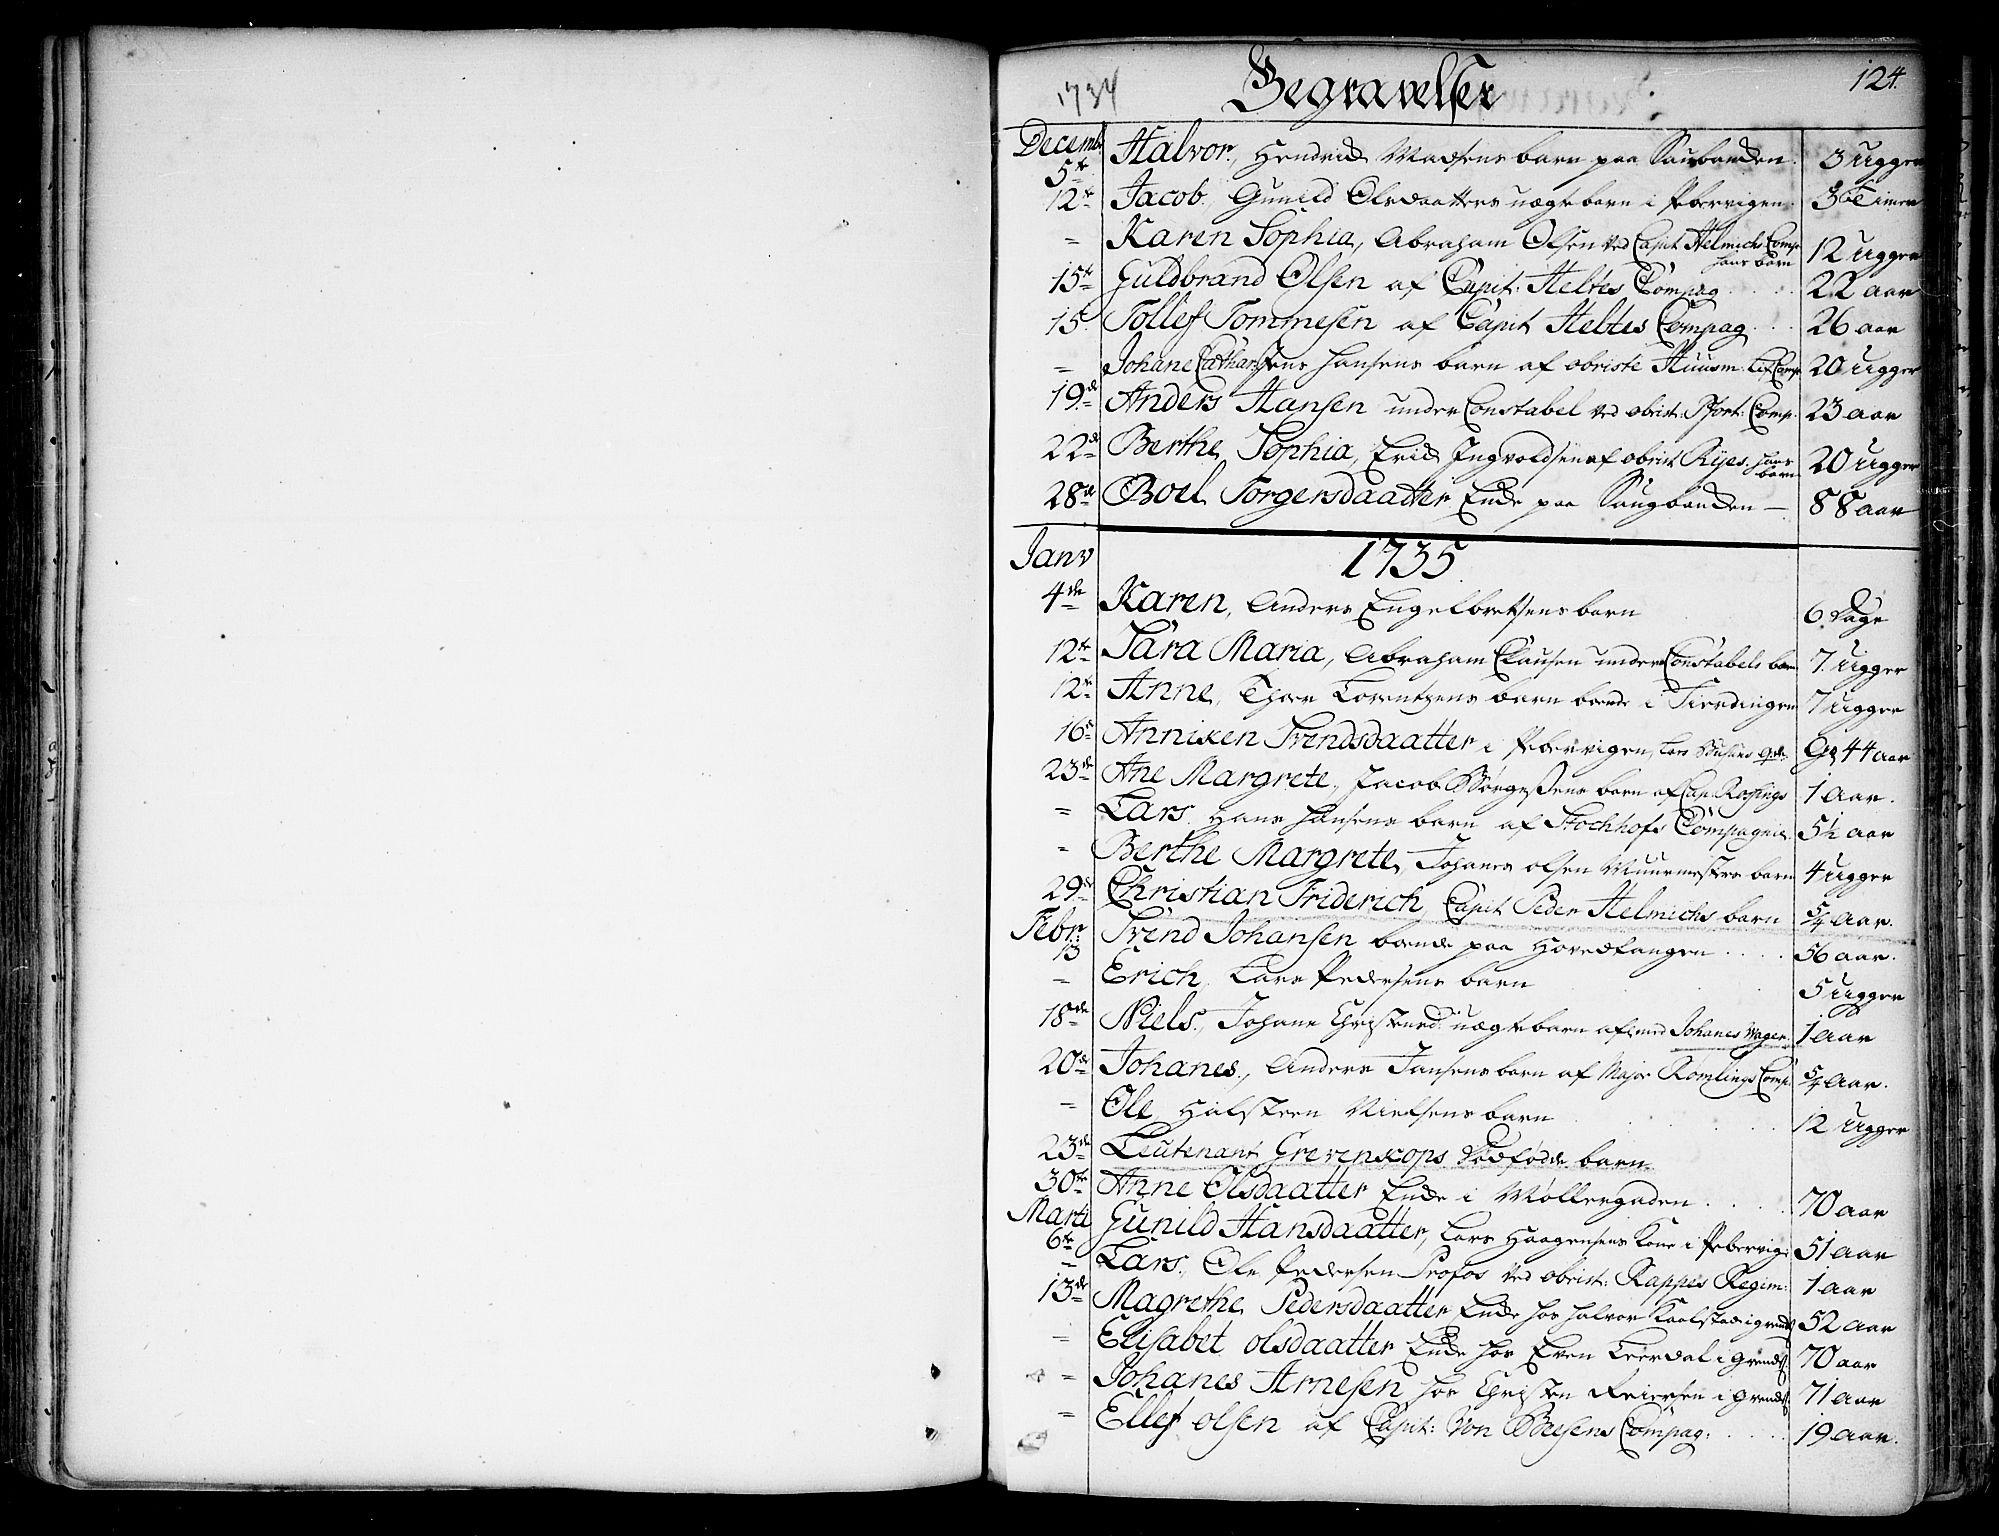 SAO, Garnisonsmenigheten Kirkebøker, F/Fa/L0001: Ministerialbok nr. 1, 1734-1756, s. 124